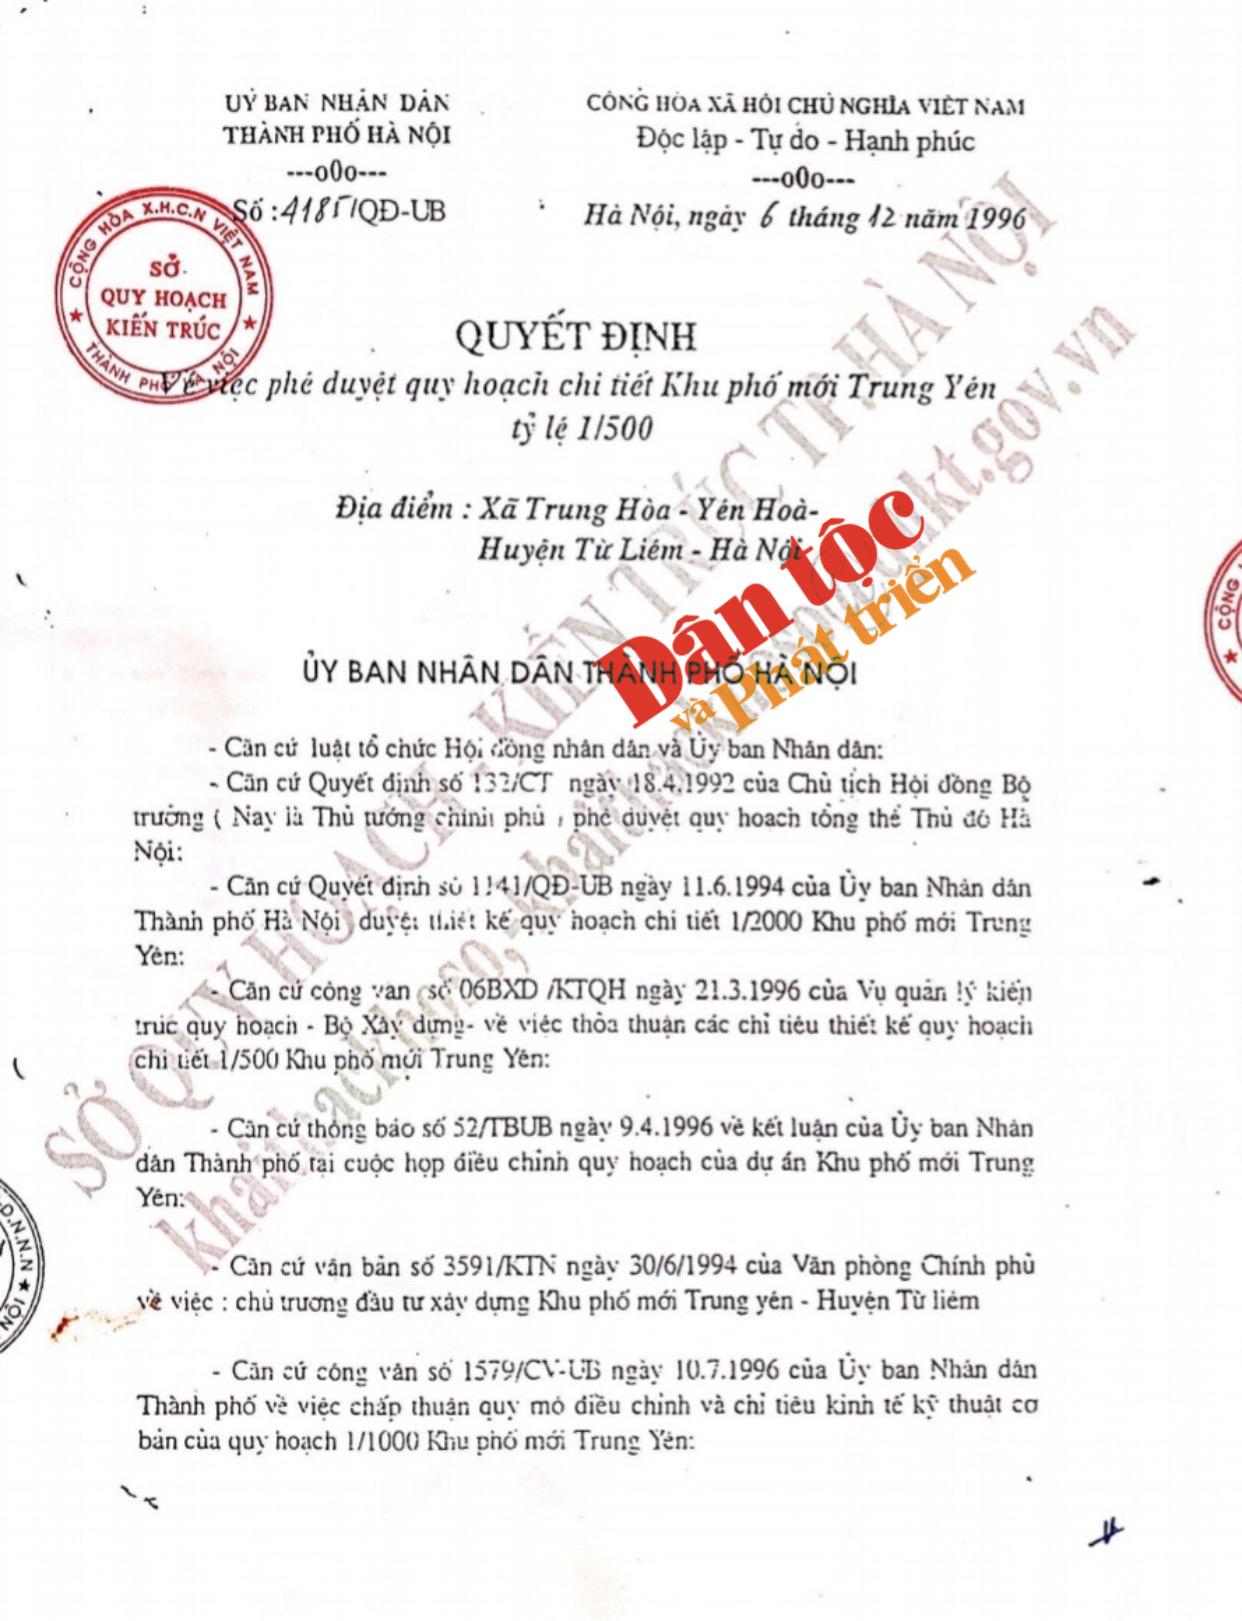 Theo Quyết định số:4185/QĐ-UB và Bản đồ quy hoạch 1/500 thì nhà ông Quý và ông Vệ không thuộc diện thu hồi.